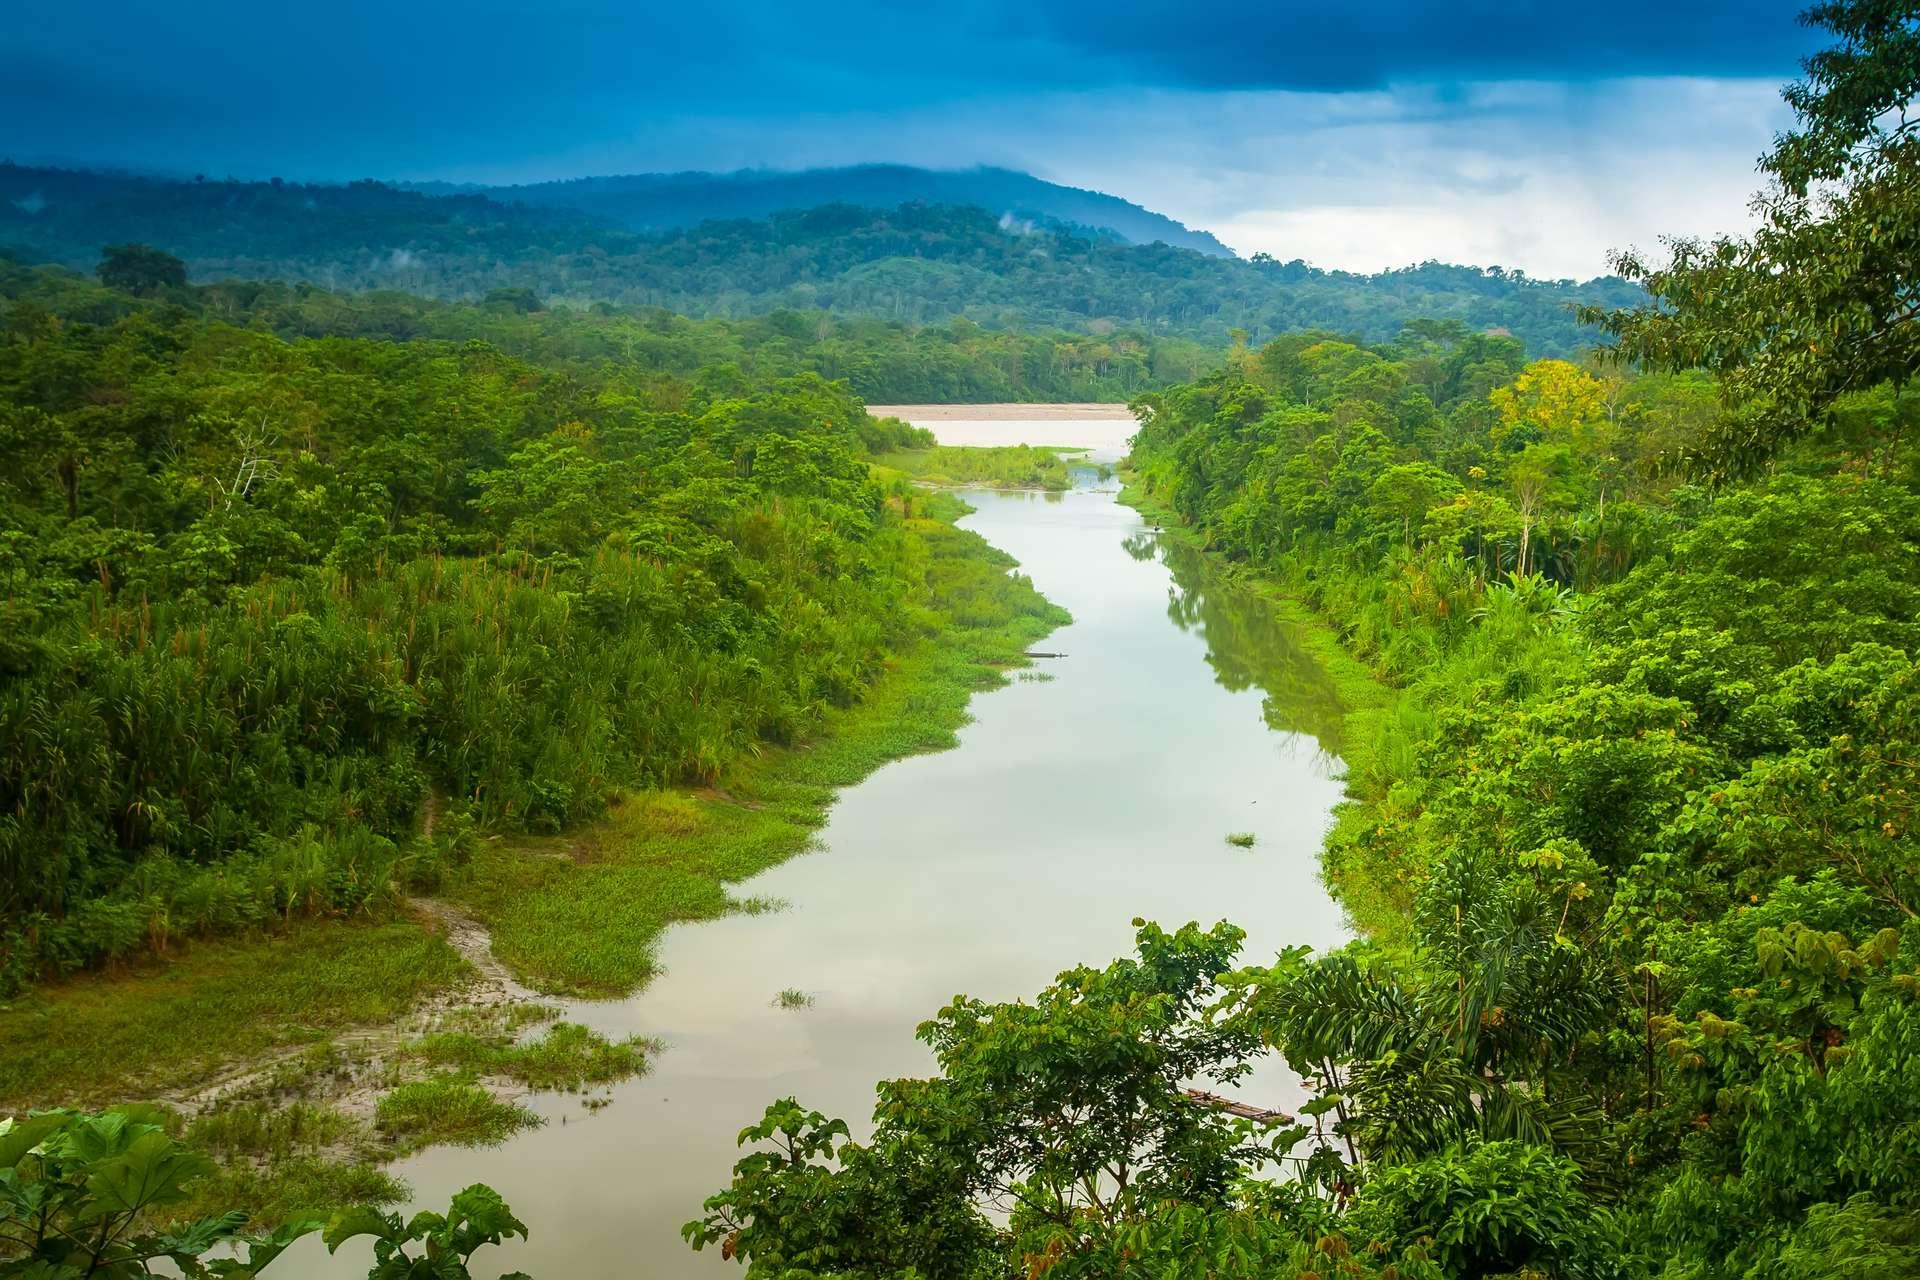 La forêt amazonienne est majoritairement présente au Brésil, et déborde sur plusieurs pays d'Amérique du Sud : le Pérou, la Colombie, le Venezuela, la Guyane, le Suriname, le Guyana, la Bolivie, et l'Équateur. © Grispb, Adobe Stock